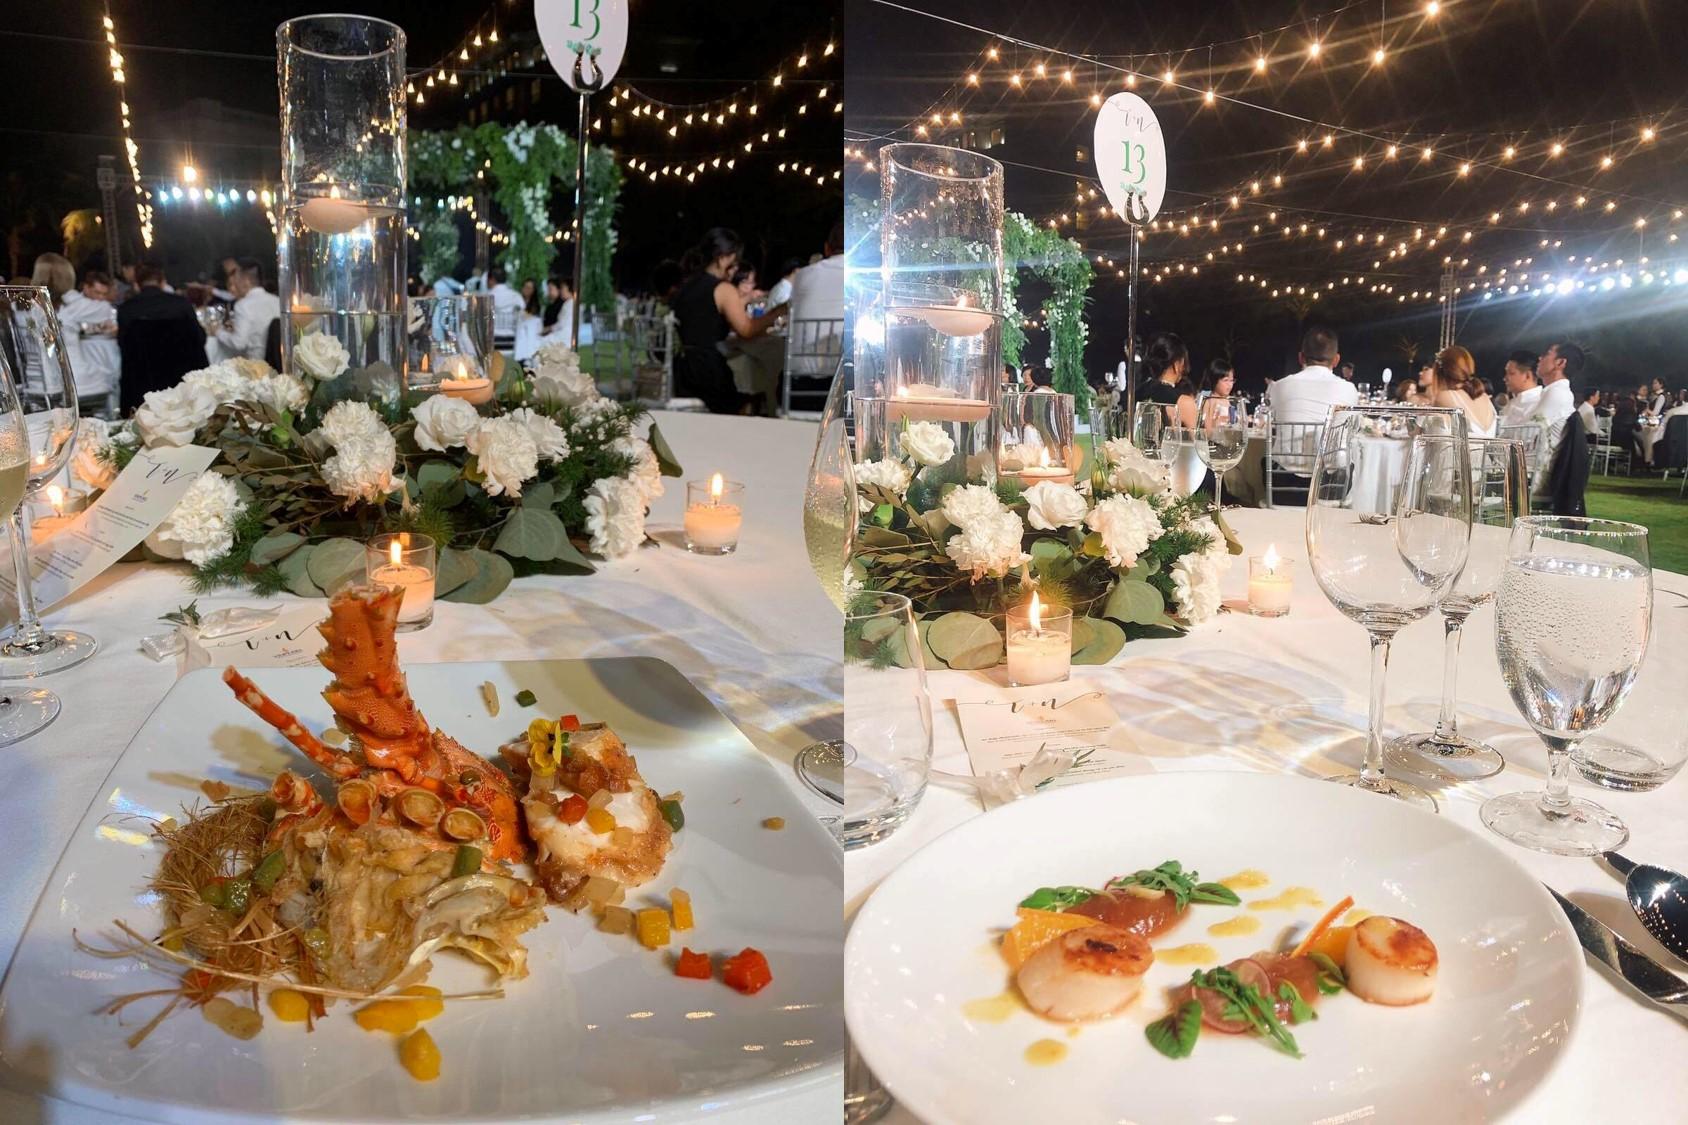 Đám cưới Bảo Thy gây choáng với thực đơn toàn sơn hào hải vị - 13